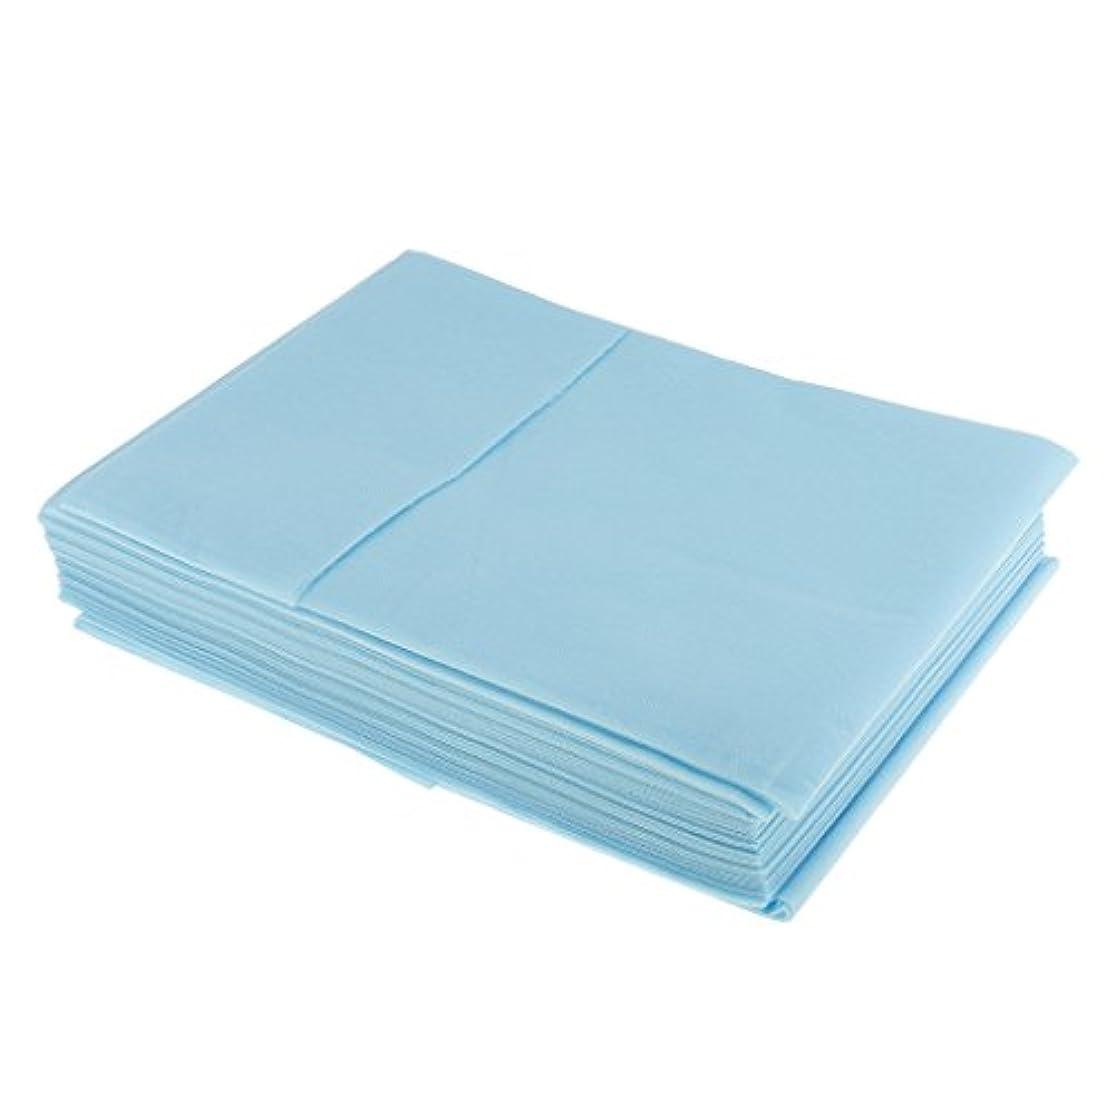 角度無関心悪夢10枚入り 使い捨て 美容室/マッサージ/サロン/ホテル ベッドパッド 旅行用 衛生シート 全3色選べ - 青